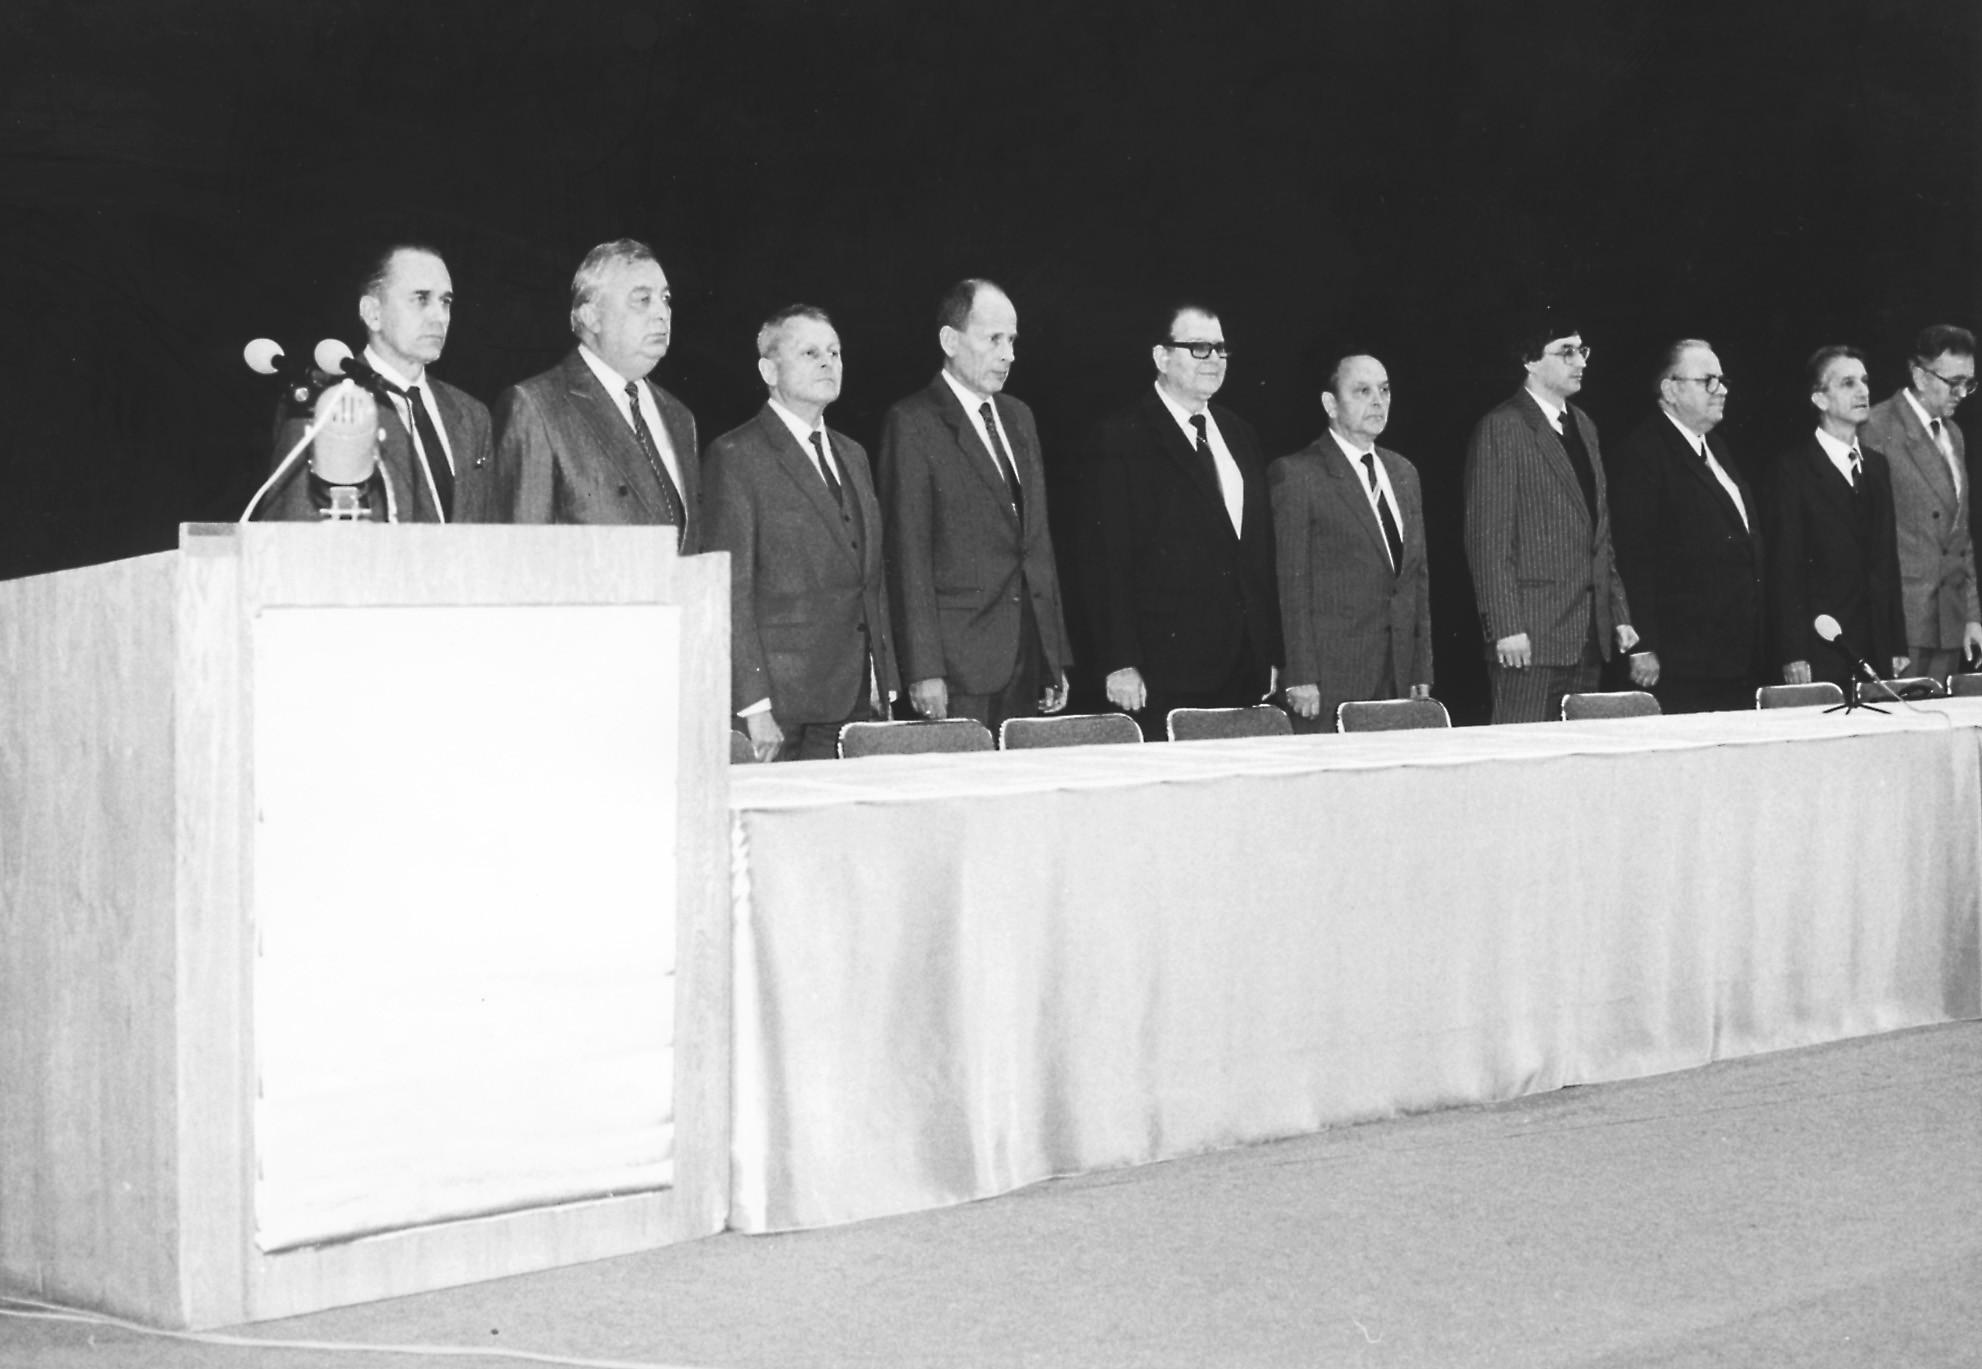 Na snímku z prvního slav ostního shromáždění LF UK v Plzni po listopadu 1989 je zachycena část nově rekonstruované vědecké rady fakulty a její slavnostní hosté, např. první trojici zprava tvoří první rektor Západočeské univerzity doc. MUDr. J. Holenda, CSc., polistopadový děkan LF UK a přednosta chirurgické kliniky v létech 1990–1999 prof. MUDr. J. Valenta, DrSc., a prorektor Karlovy univerzity prof. MUDr. Z. Lojda, DrSc. Doc. MUDr. Milan Schück, CSc., stojí čtvrtý zleva a vlevo od něho je zachycen první předseda Akademického senátu LF UK v Plzni a  olistopadový přednosta I. interní kliniky prof. MUDr. K. Opatrný, DrSc.